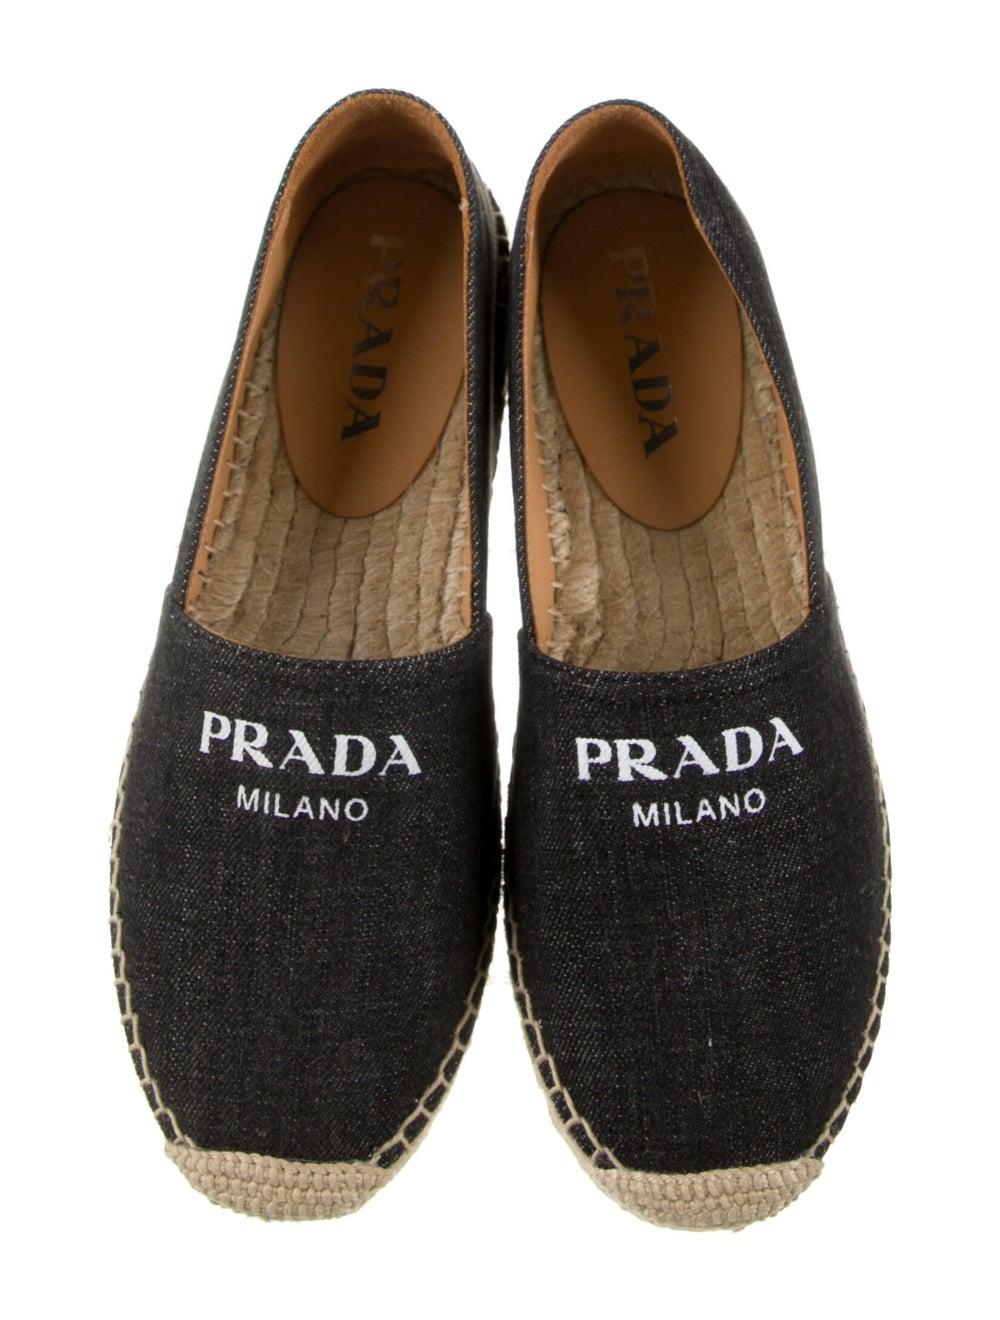 Prada Printed Espadrilles Grey - image 3